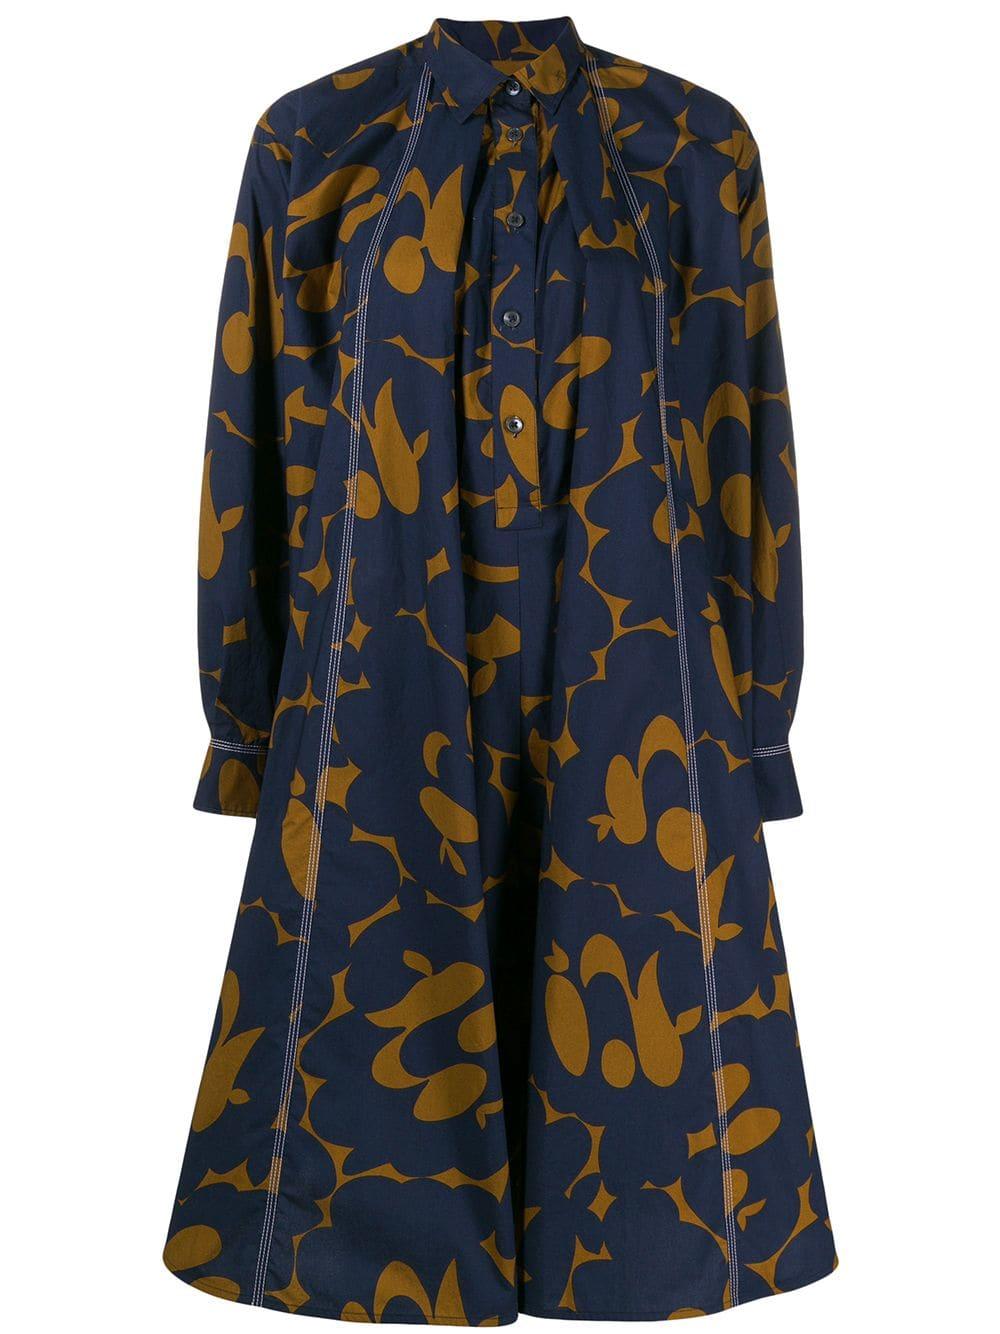 1bcb0199e2b1 Abito Camicia In Cotone Blu E Color Cammello Con Stampa Belou - MARNI -  Russocapri